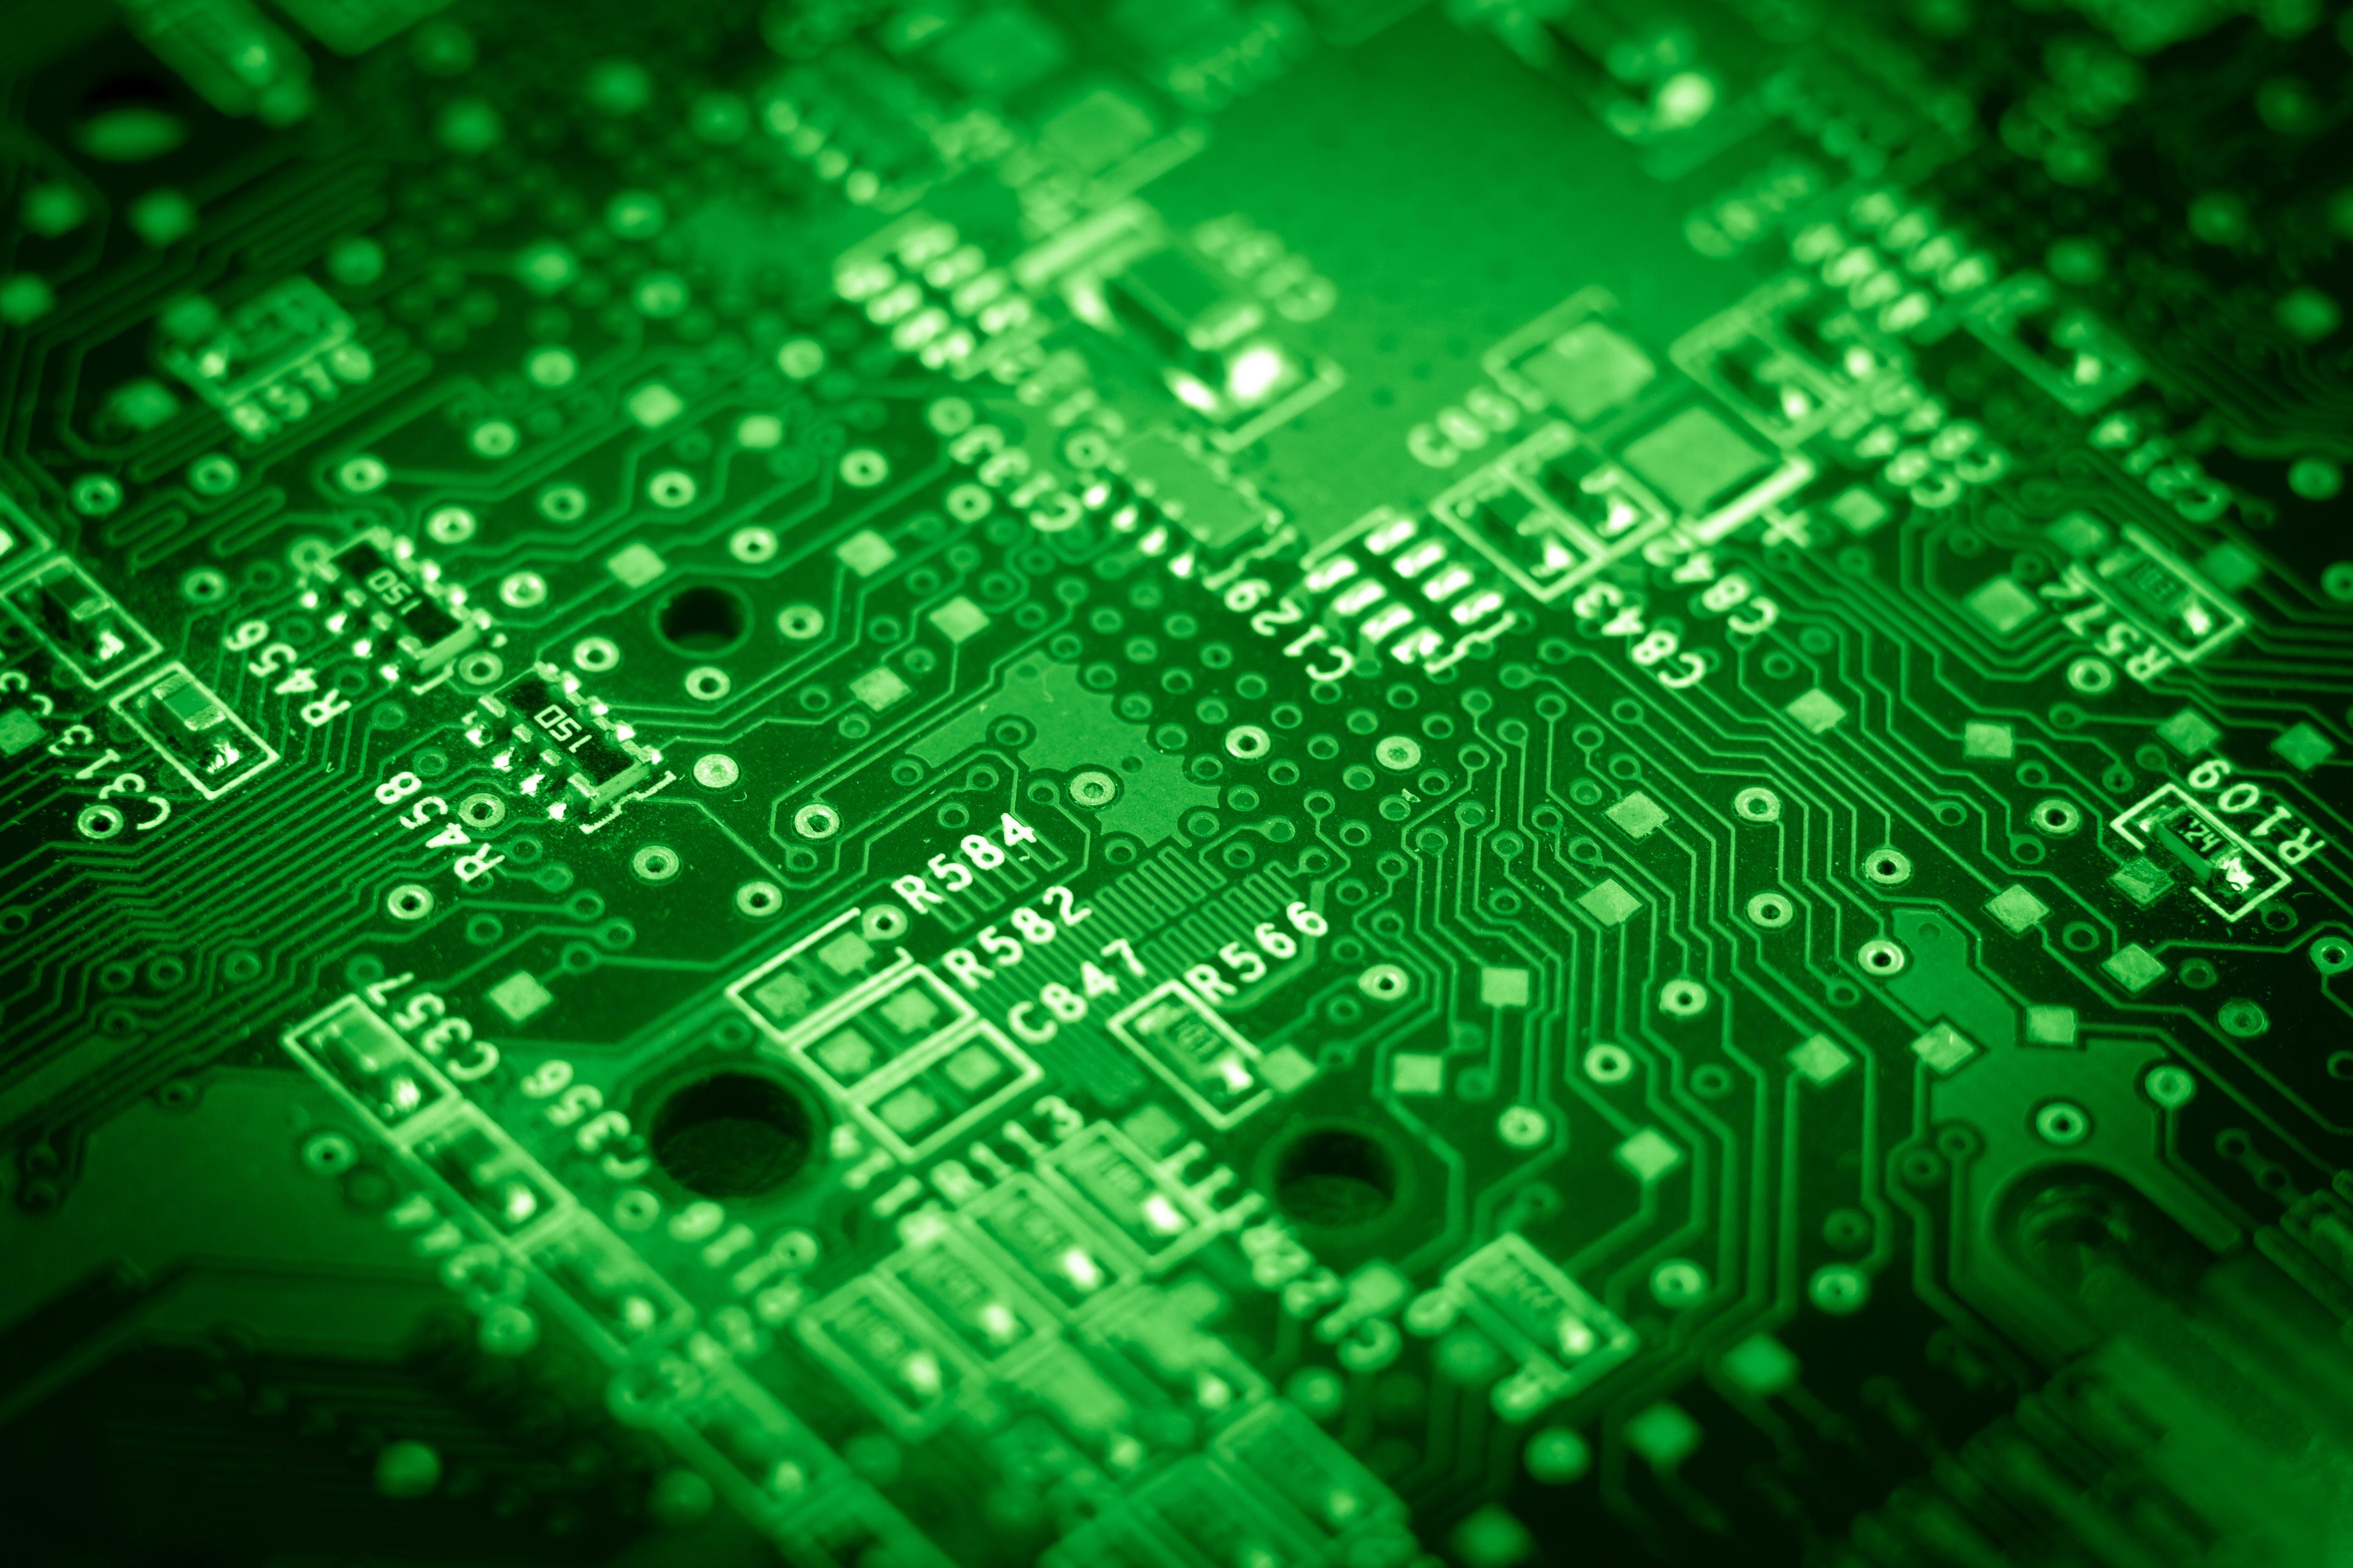 横浜勤務【外国籍活躍中】アナログ回路設計・LSI設計経験者